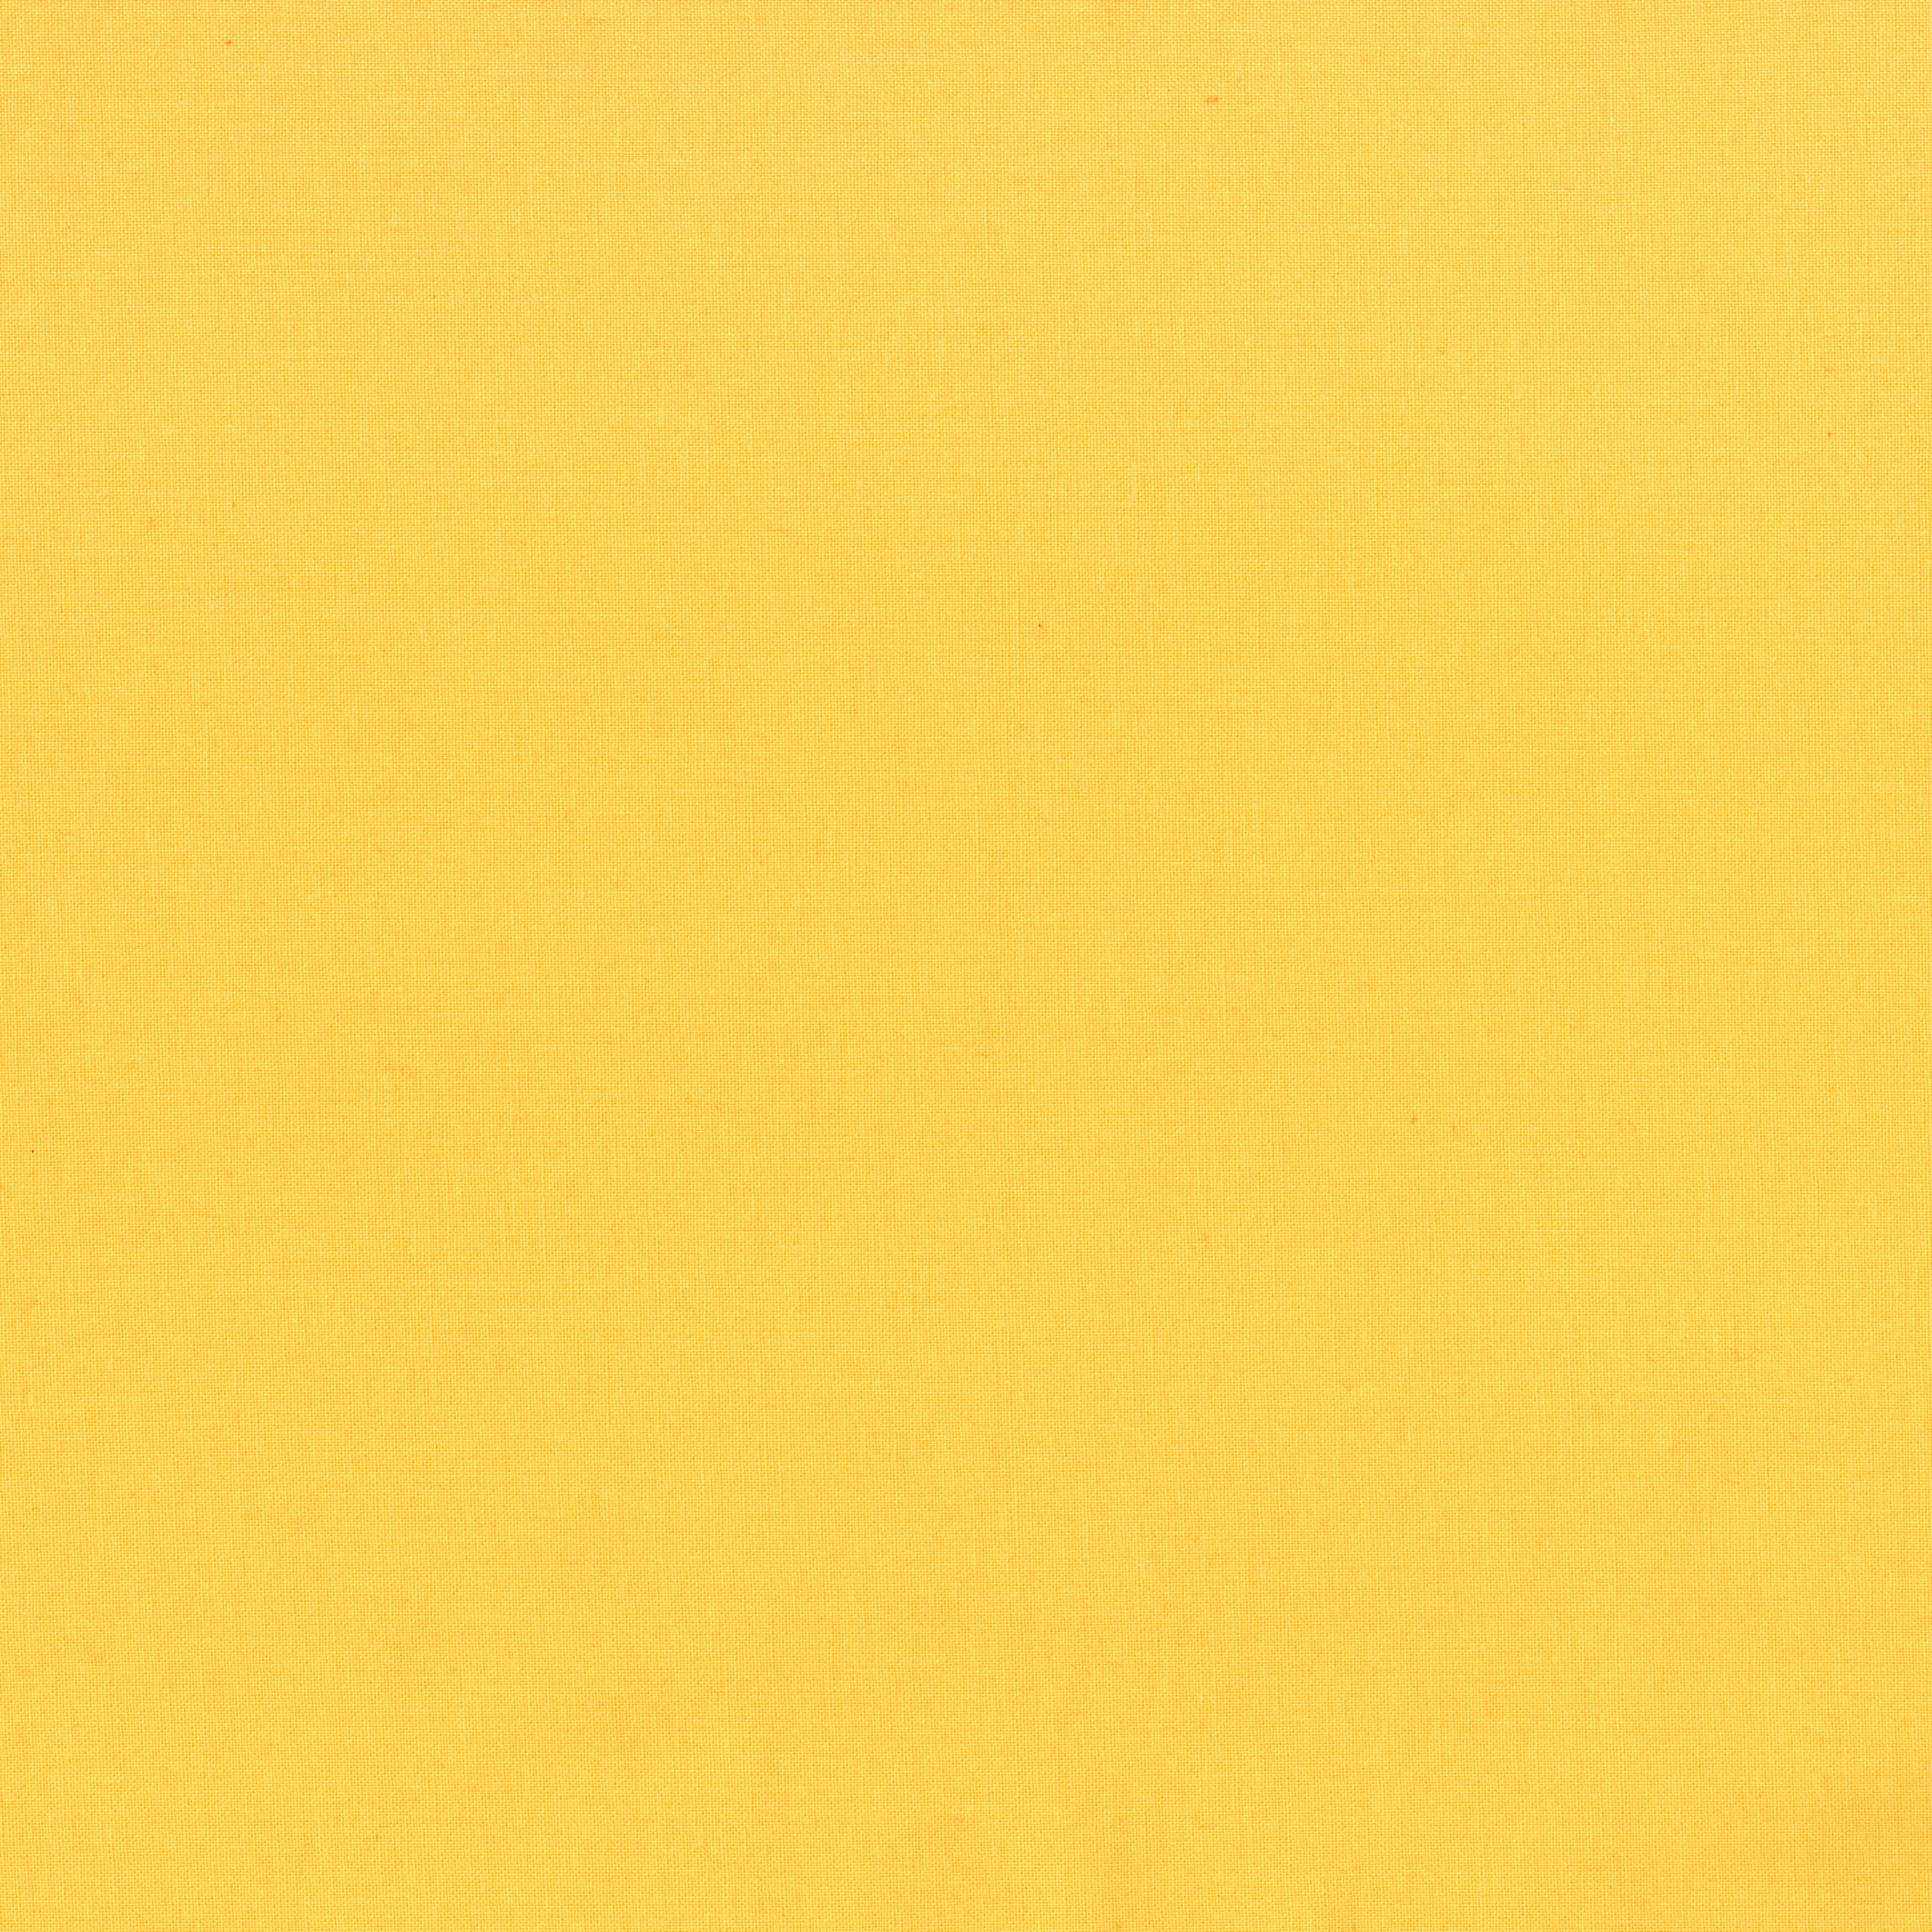 9617-182 LEMON CHIFFON